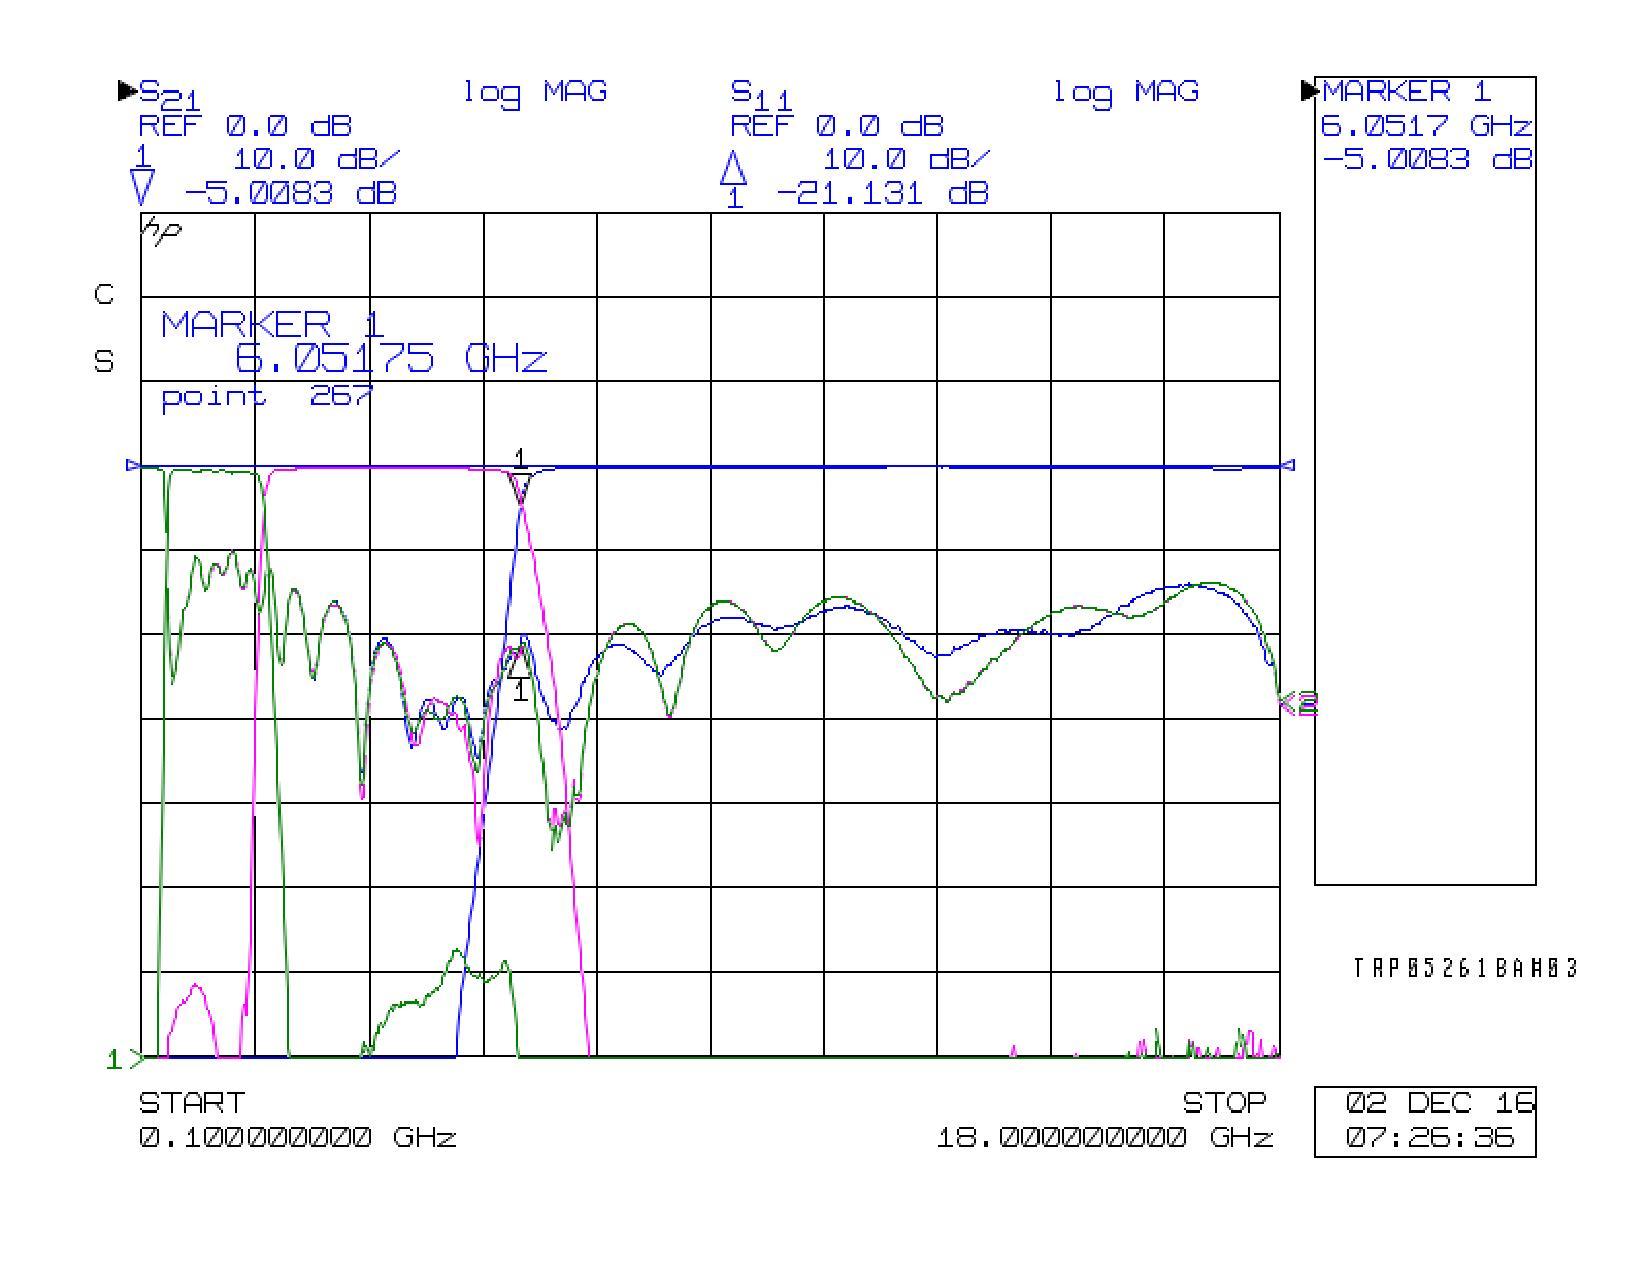 TRP052618A03 Plot